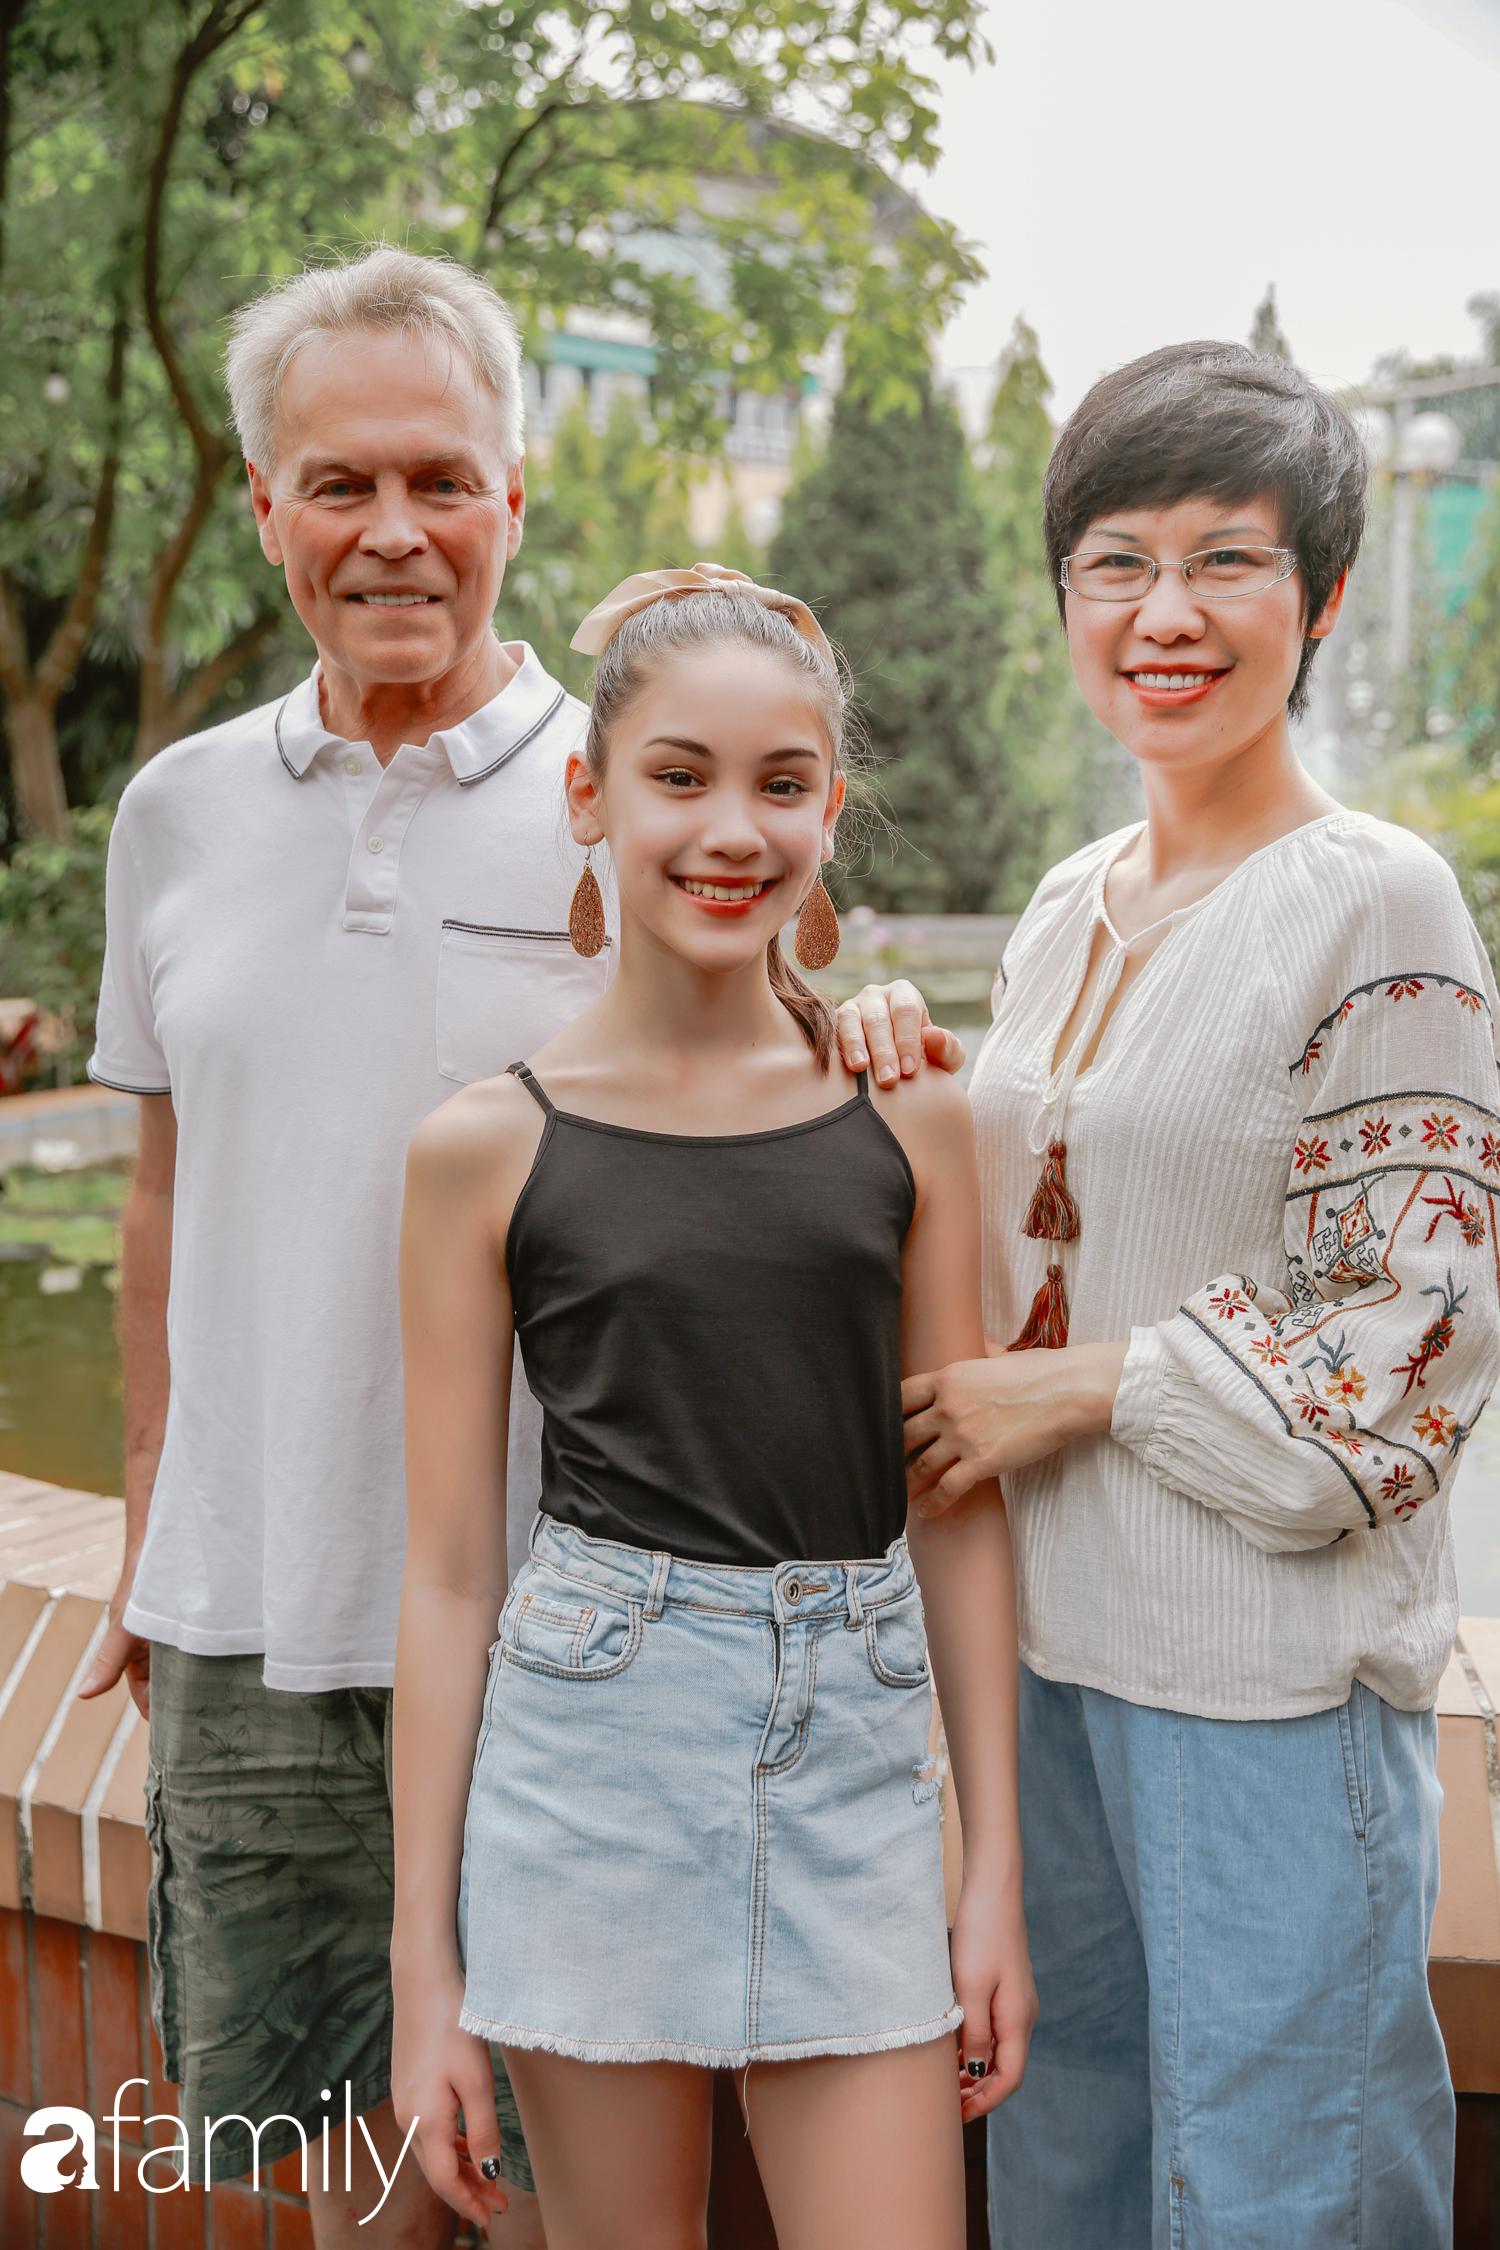 Mẫu nhí lai Việt – Mỹ đắt show nhất nhì thị trường thời trang và những chia sẻ của người trong cuộc  - Ảnh 10.